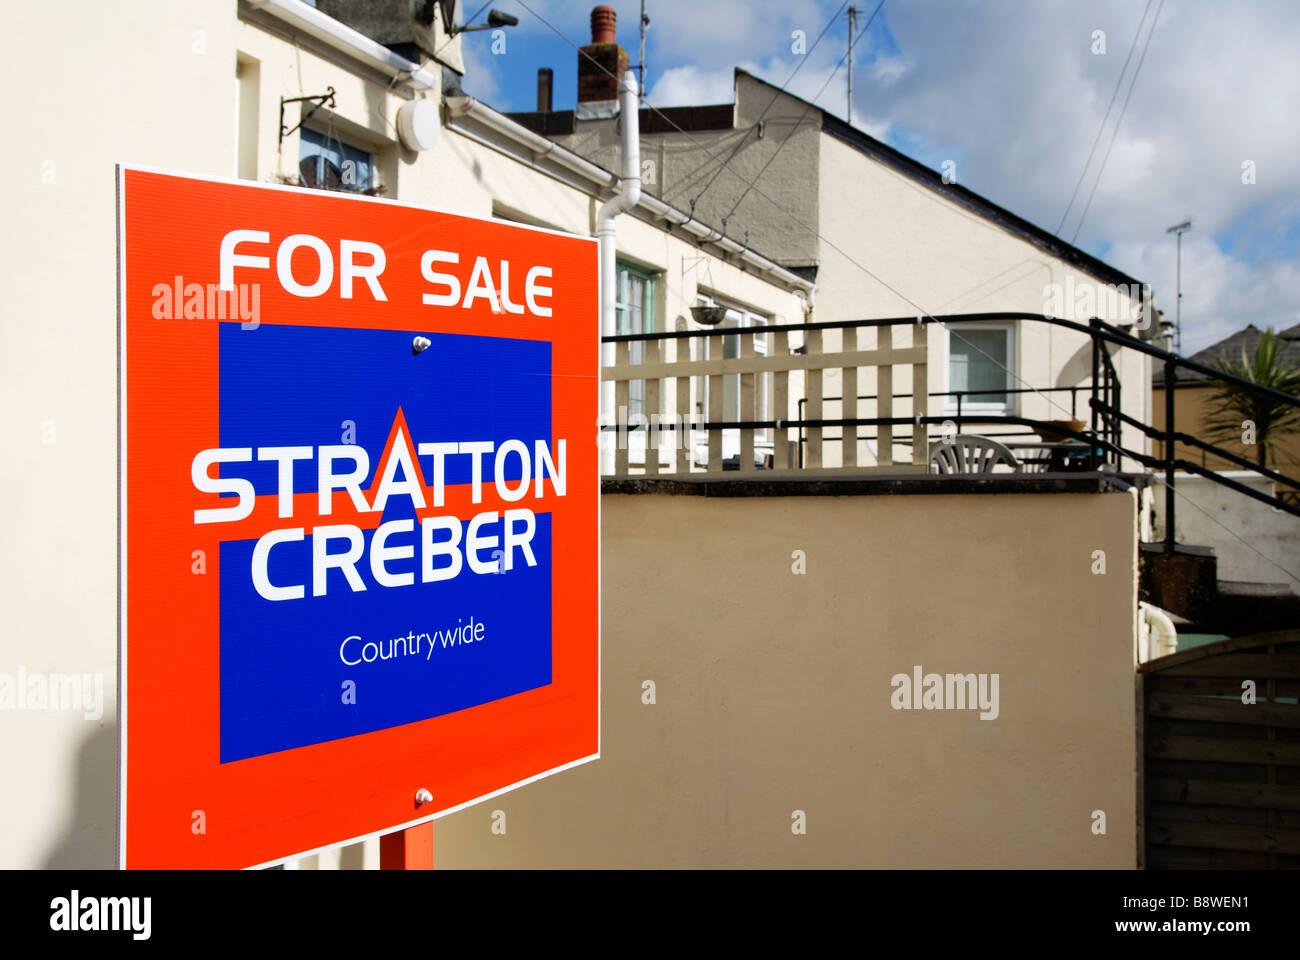 eine für Verkauf Zeichen außerhalb einer Immobilie Stockfoto